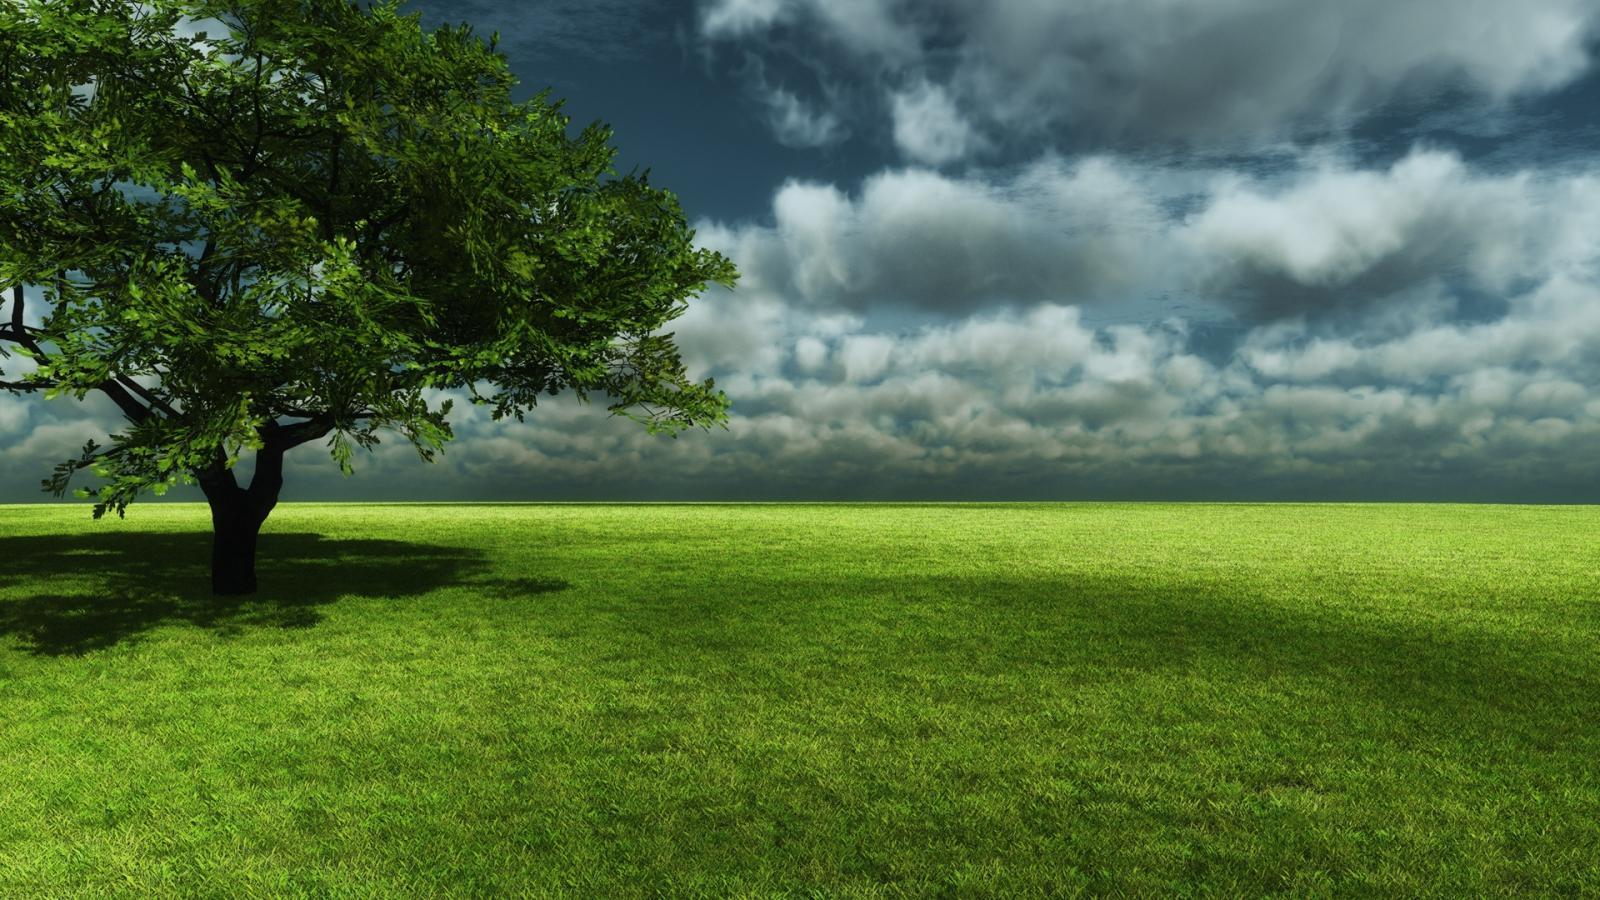 Nature Wallpapers for Desktop: Beautiful Nature Wallpaper